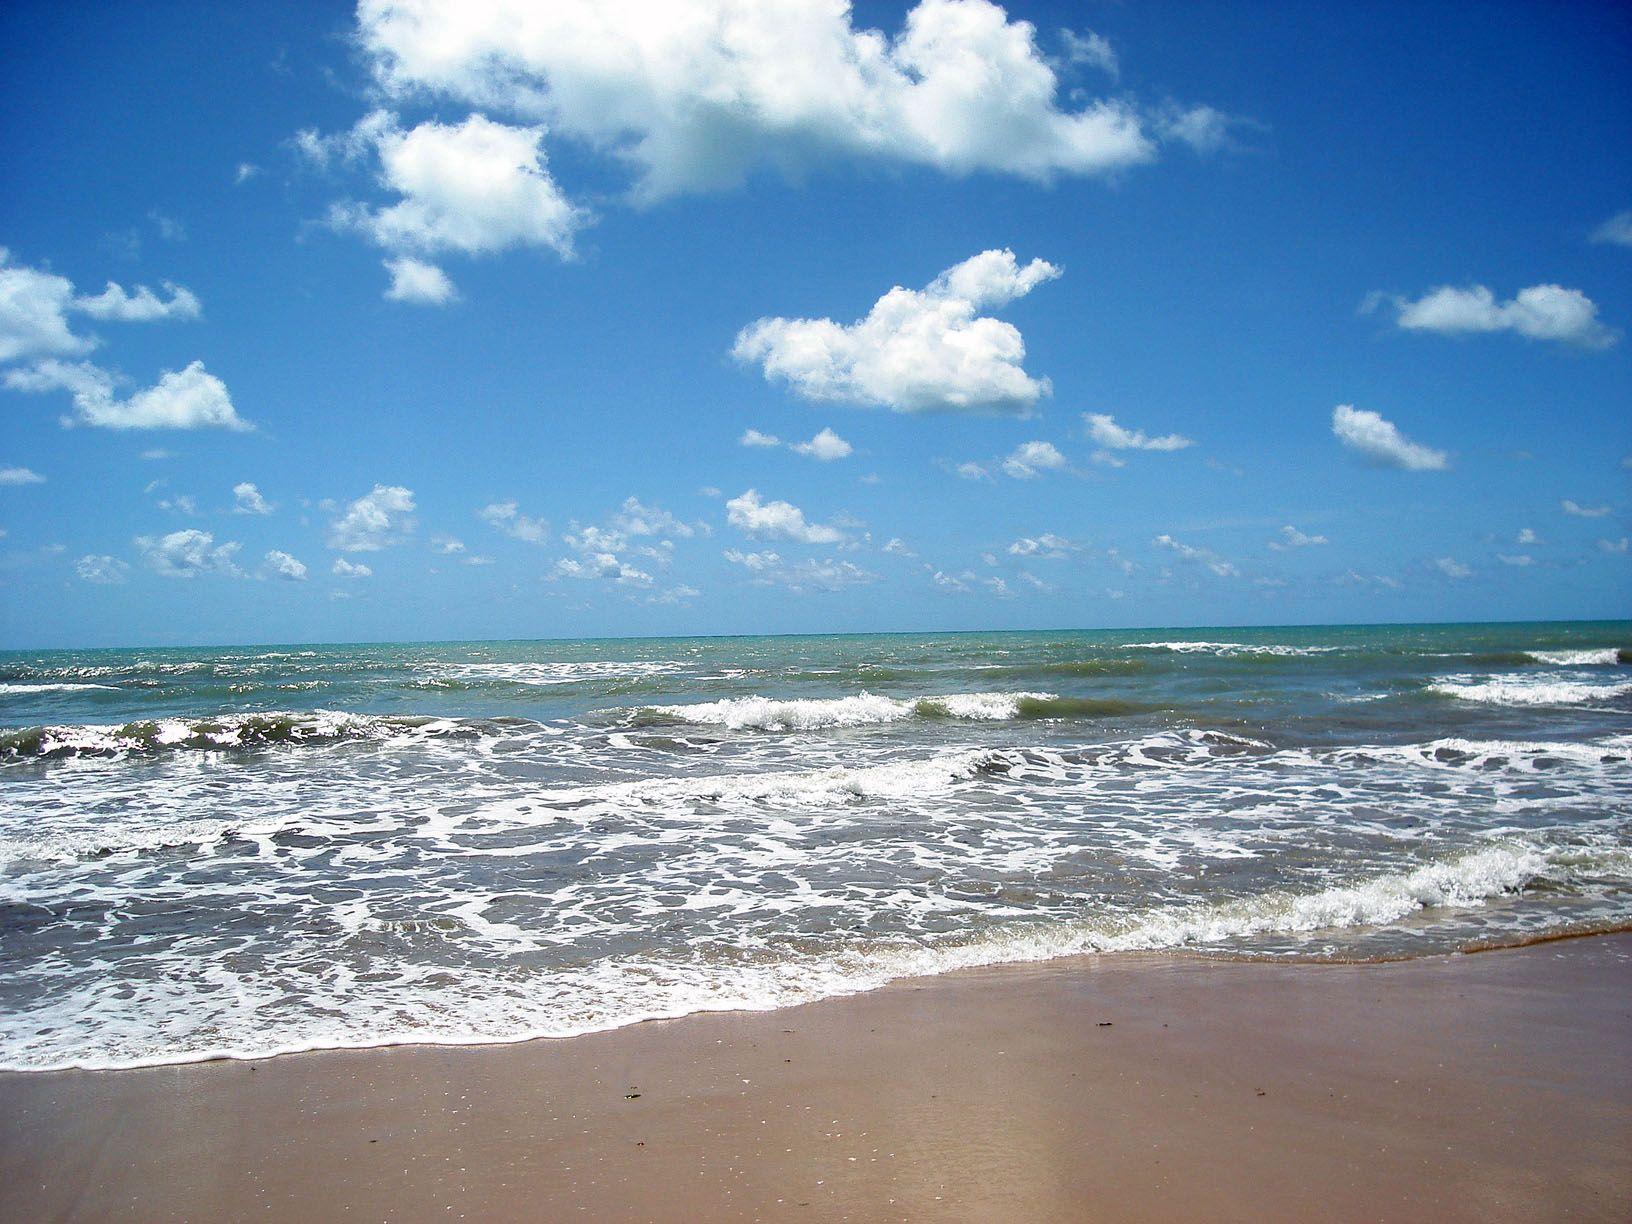 sea wallpaper nature dead - photo #28